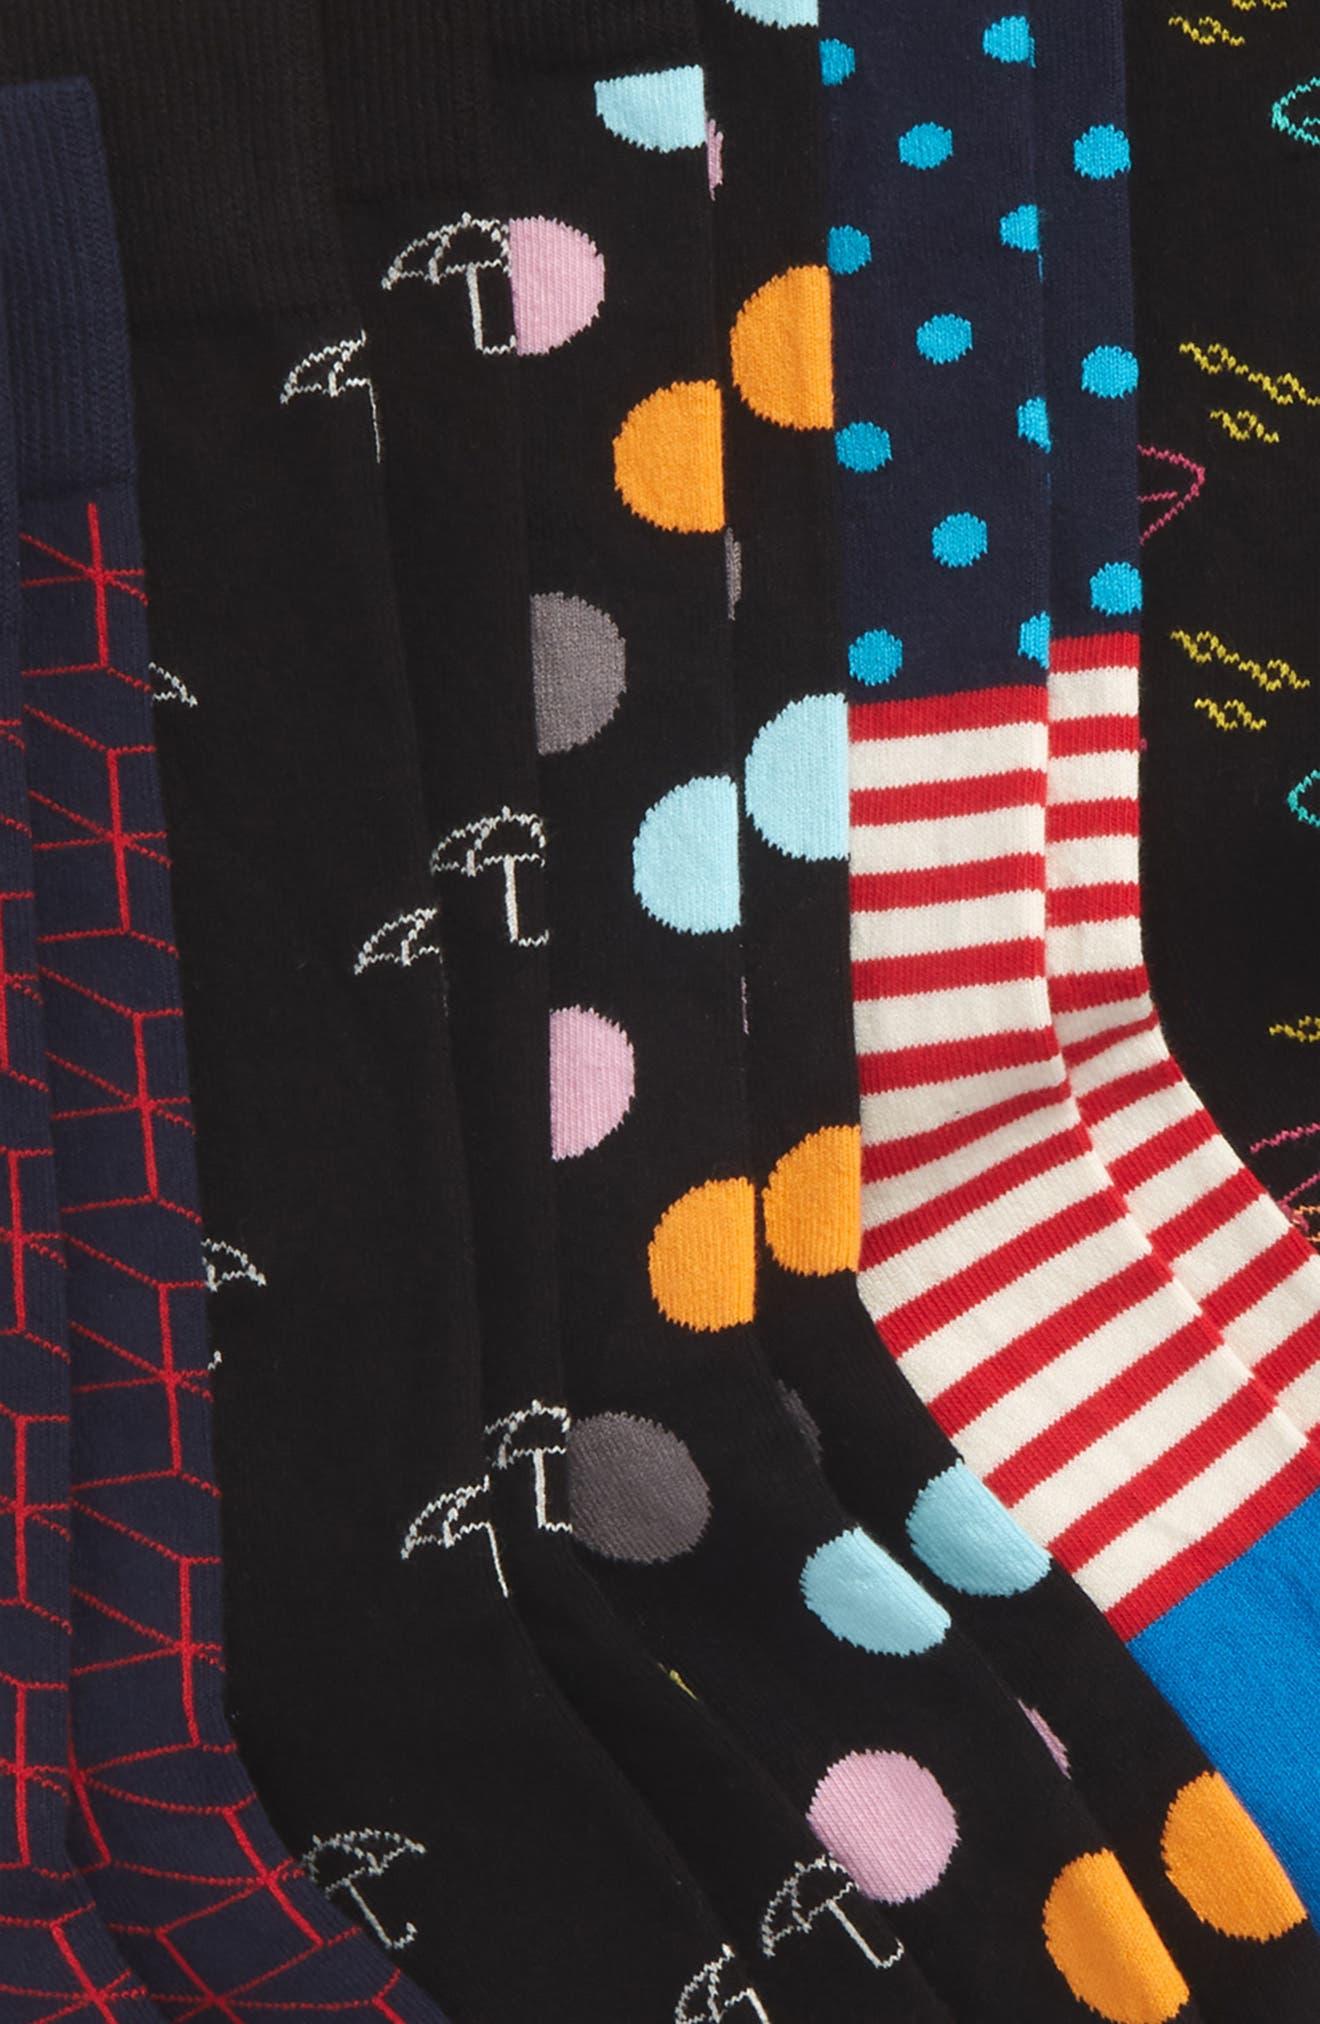 7 Days Assorted 7-Pack Socks Gift Set,                             Alternate thumbnail 3, color,                             459